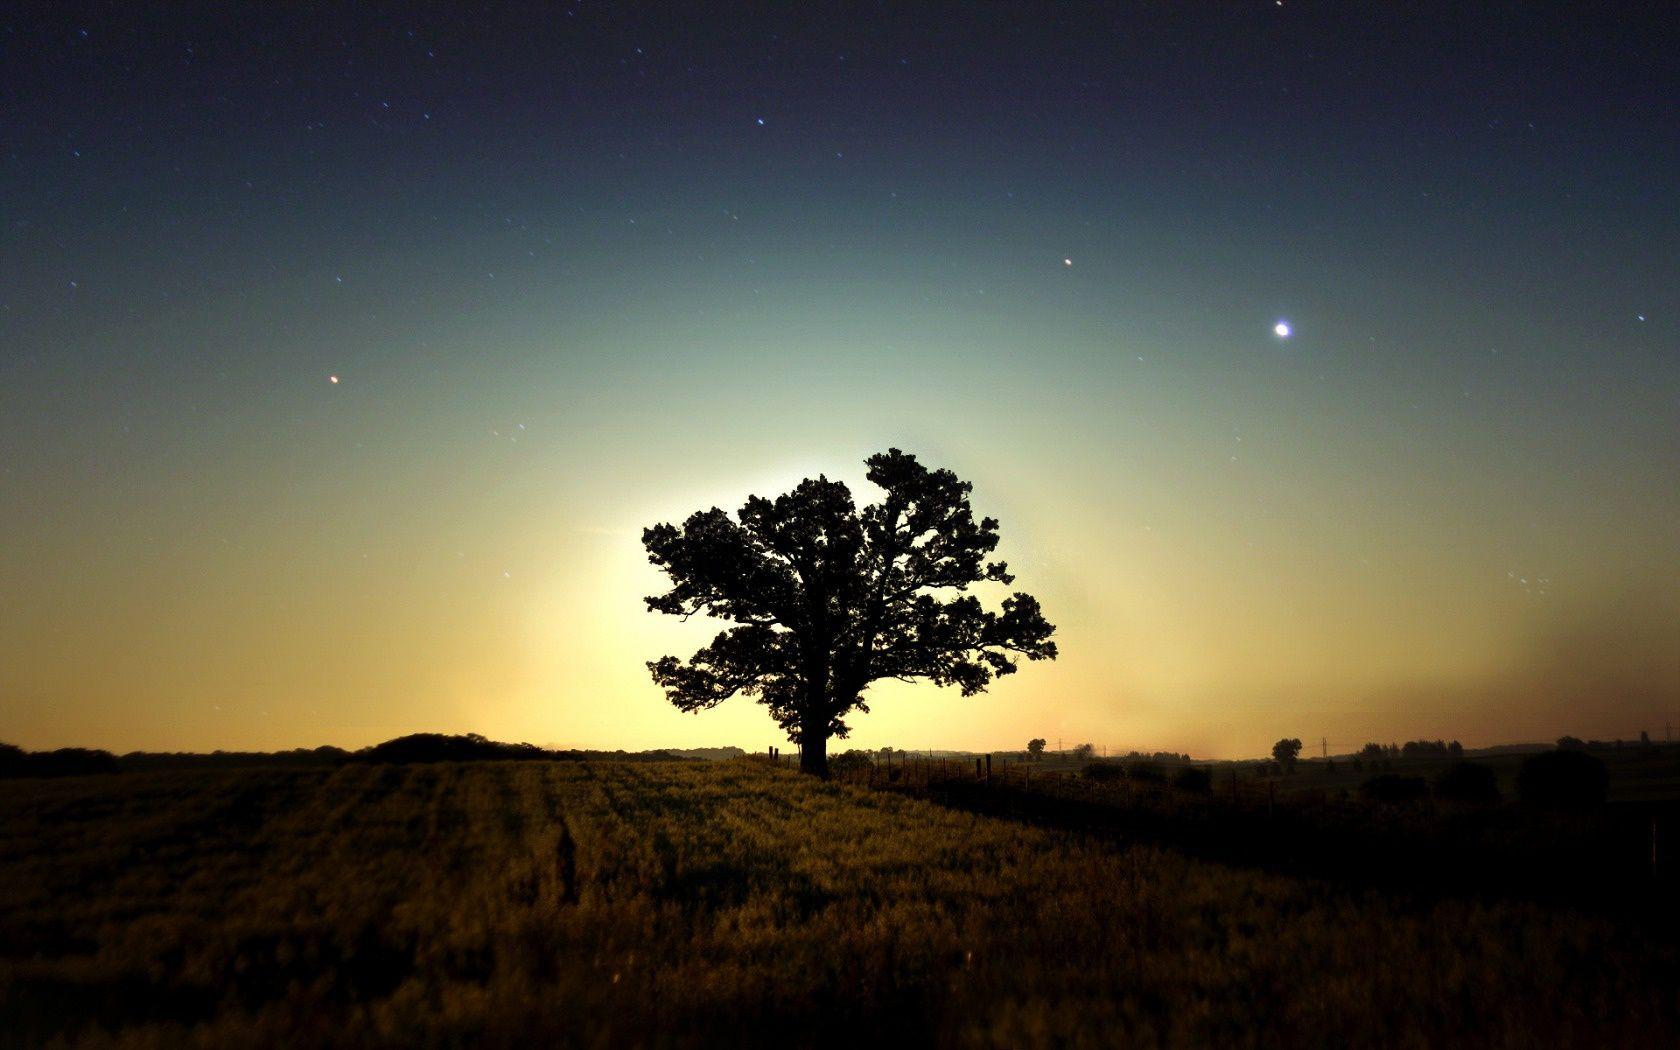 Tlcharger Fond D Ecran Arbre Nuit Star Sombre Fonds D Ecran Gratuits Pour Votre Rsolution Du Bureau 1680x1050 I Photos Paysage Image De Fond Fond Ecran